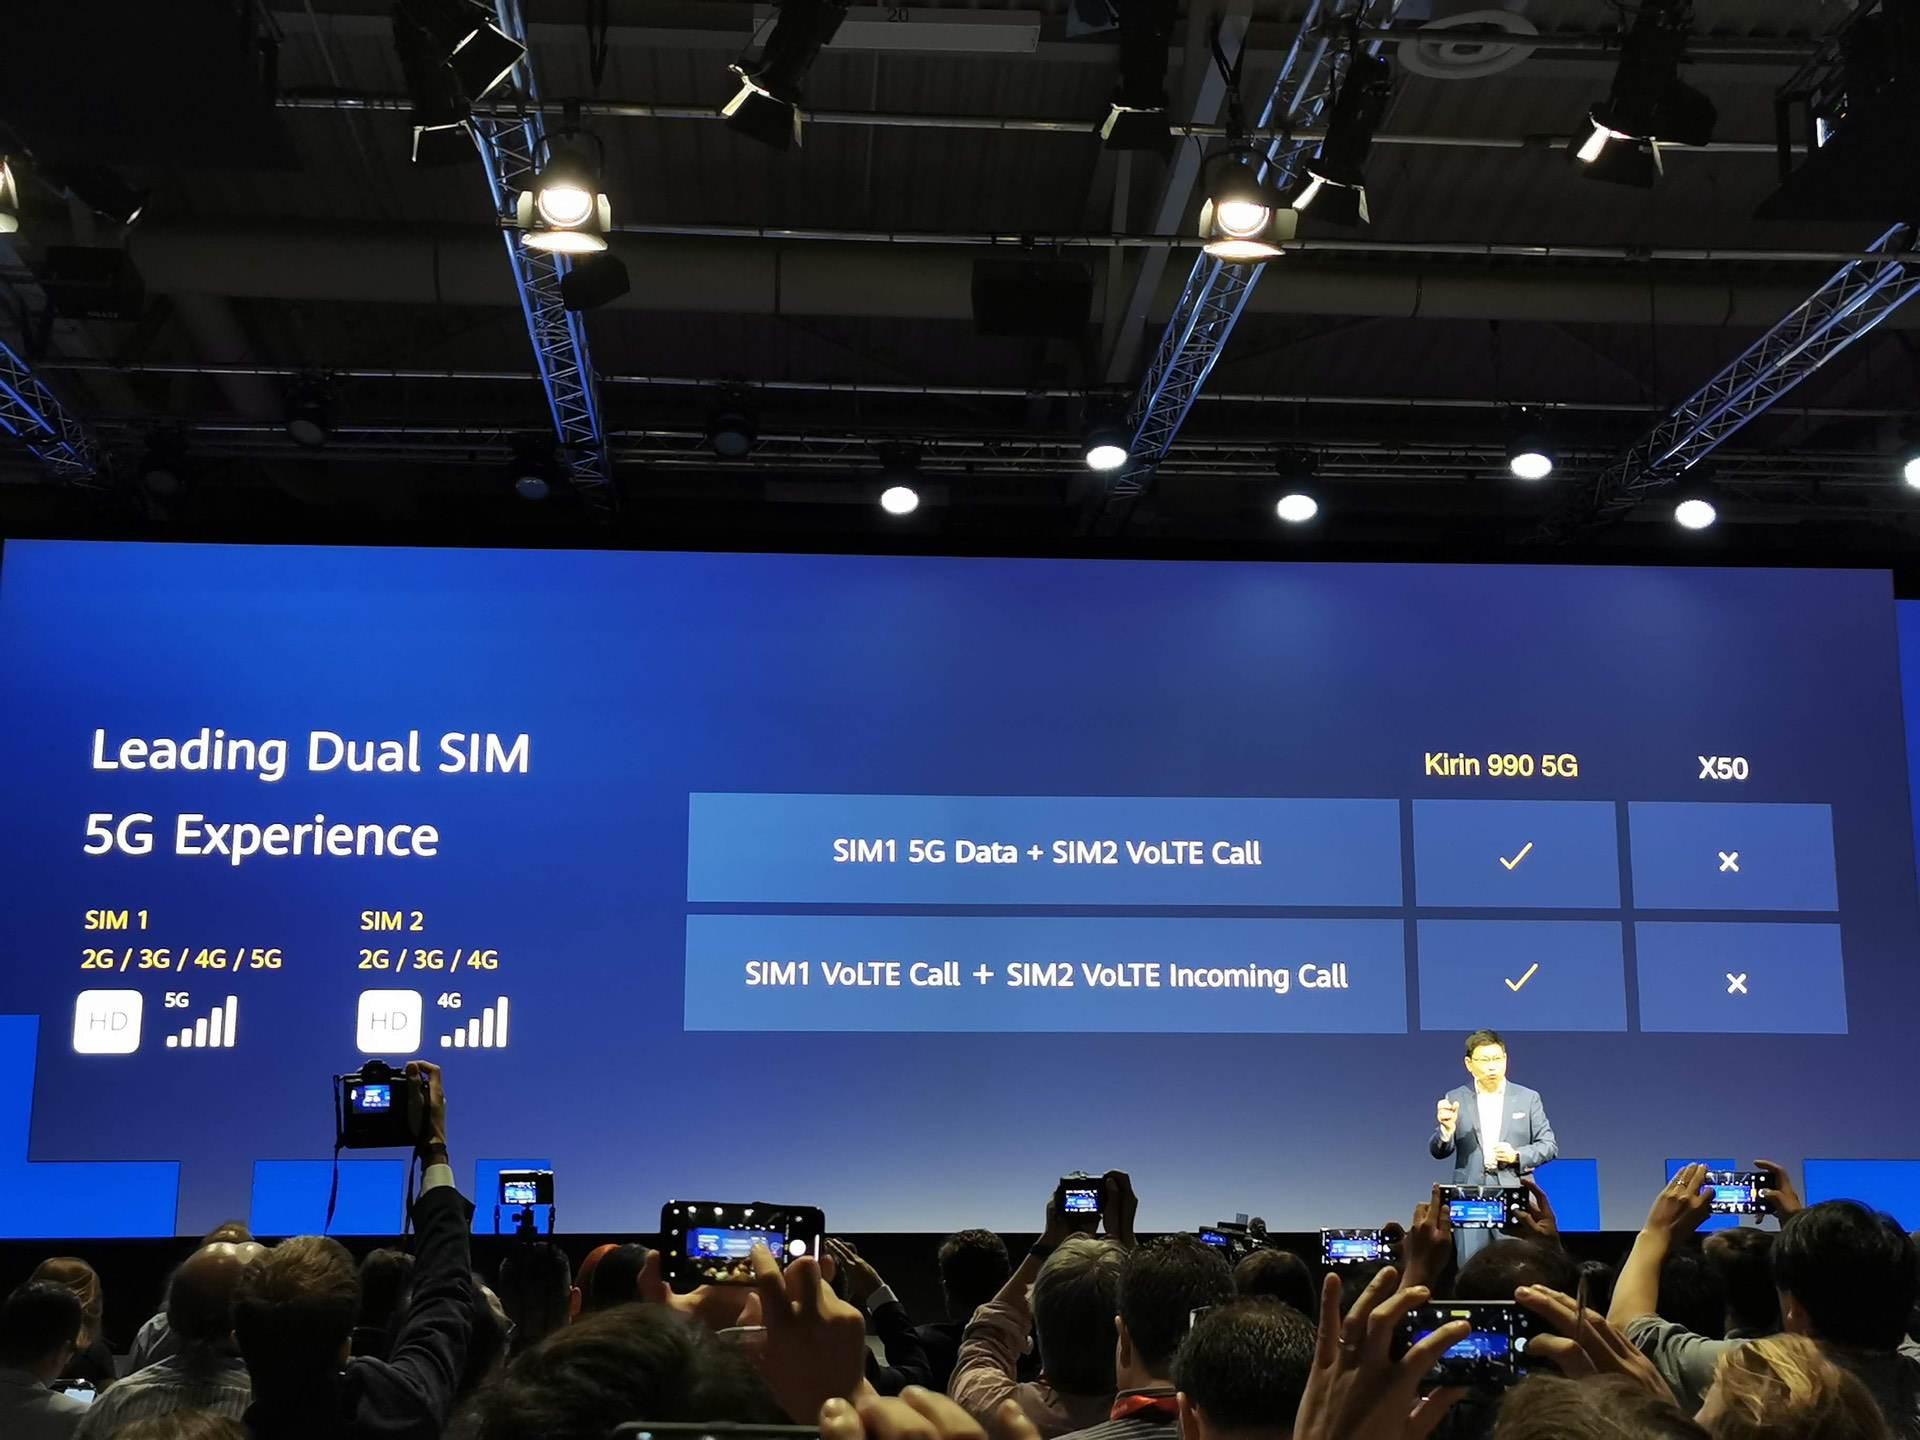 Kirin 990 5G – флагманский процессор Huawei с интегрированным чипом 5G, 10,3 млрд транзисторов и 16-ядерной графикой